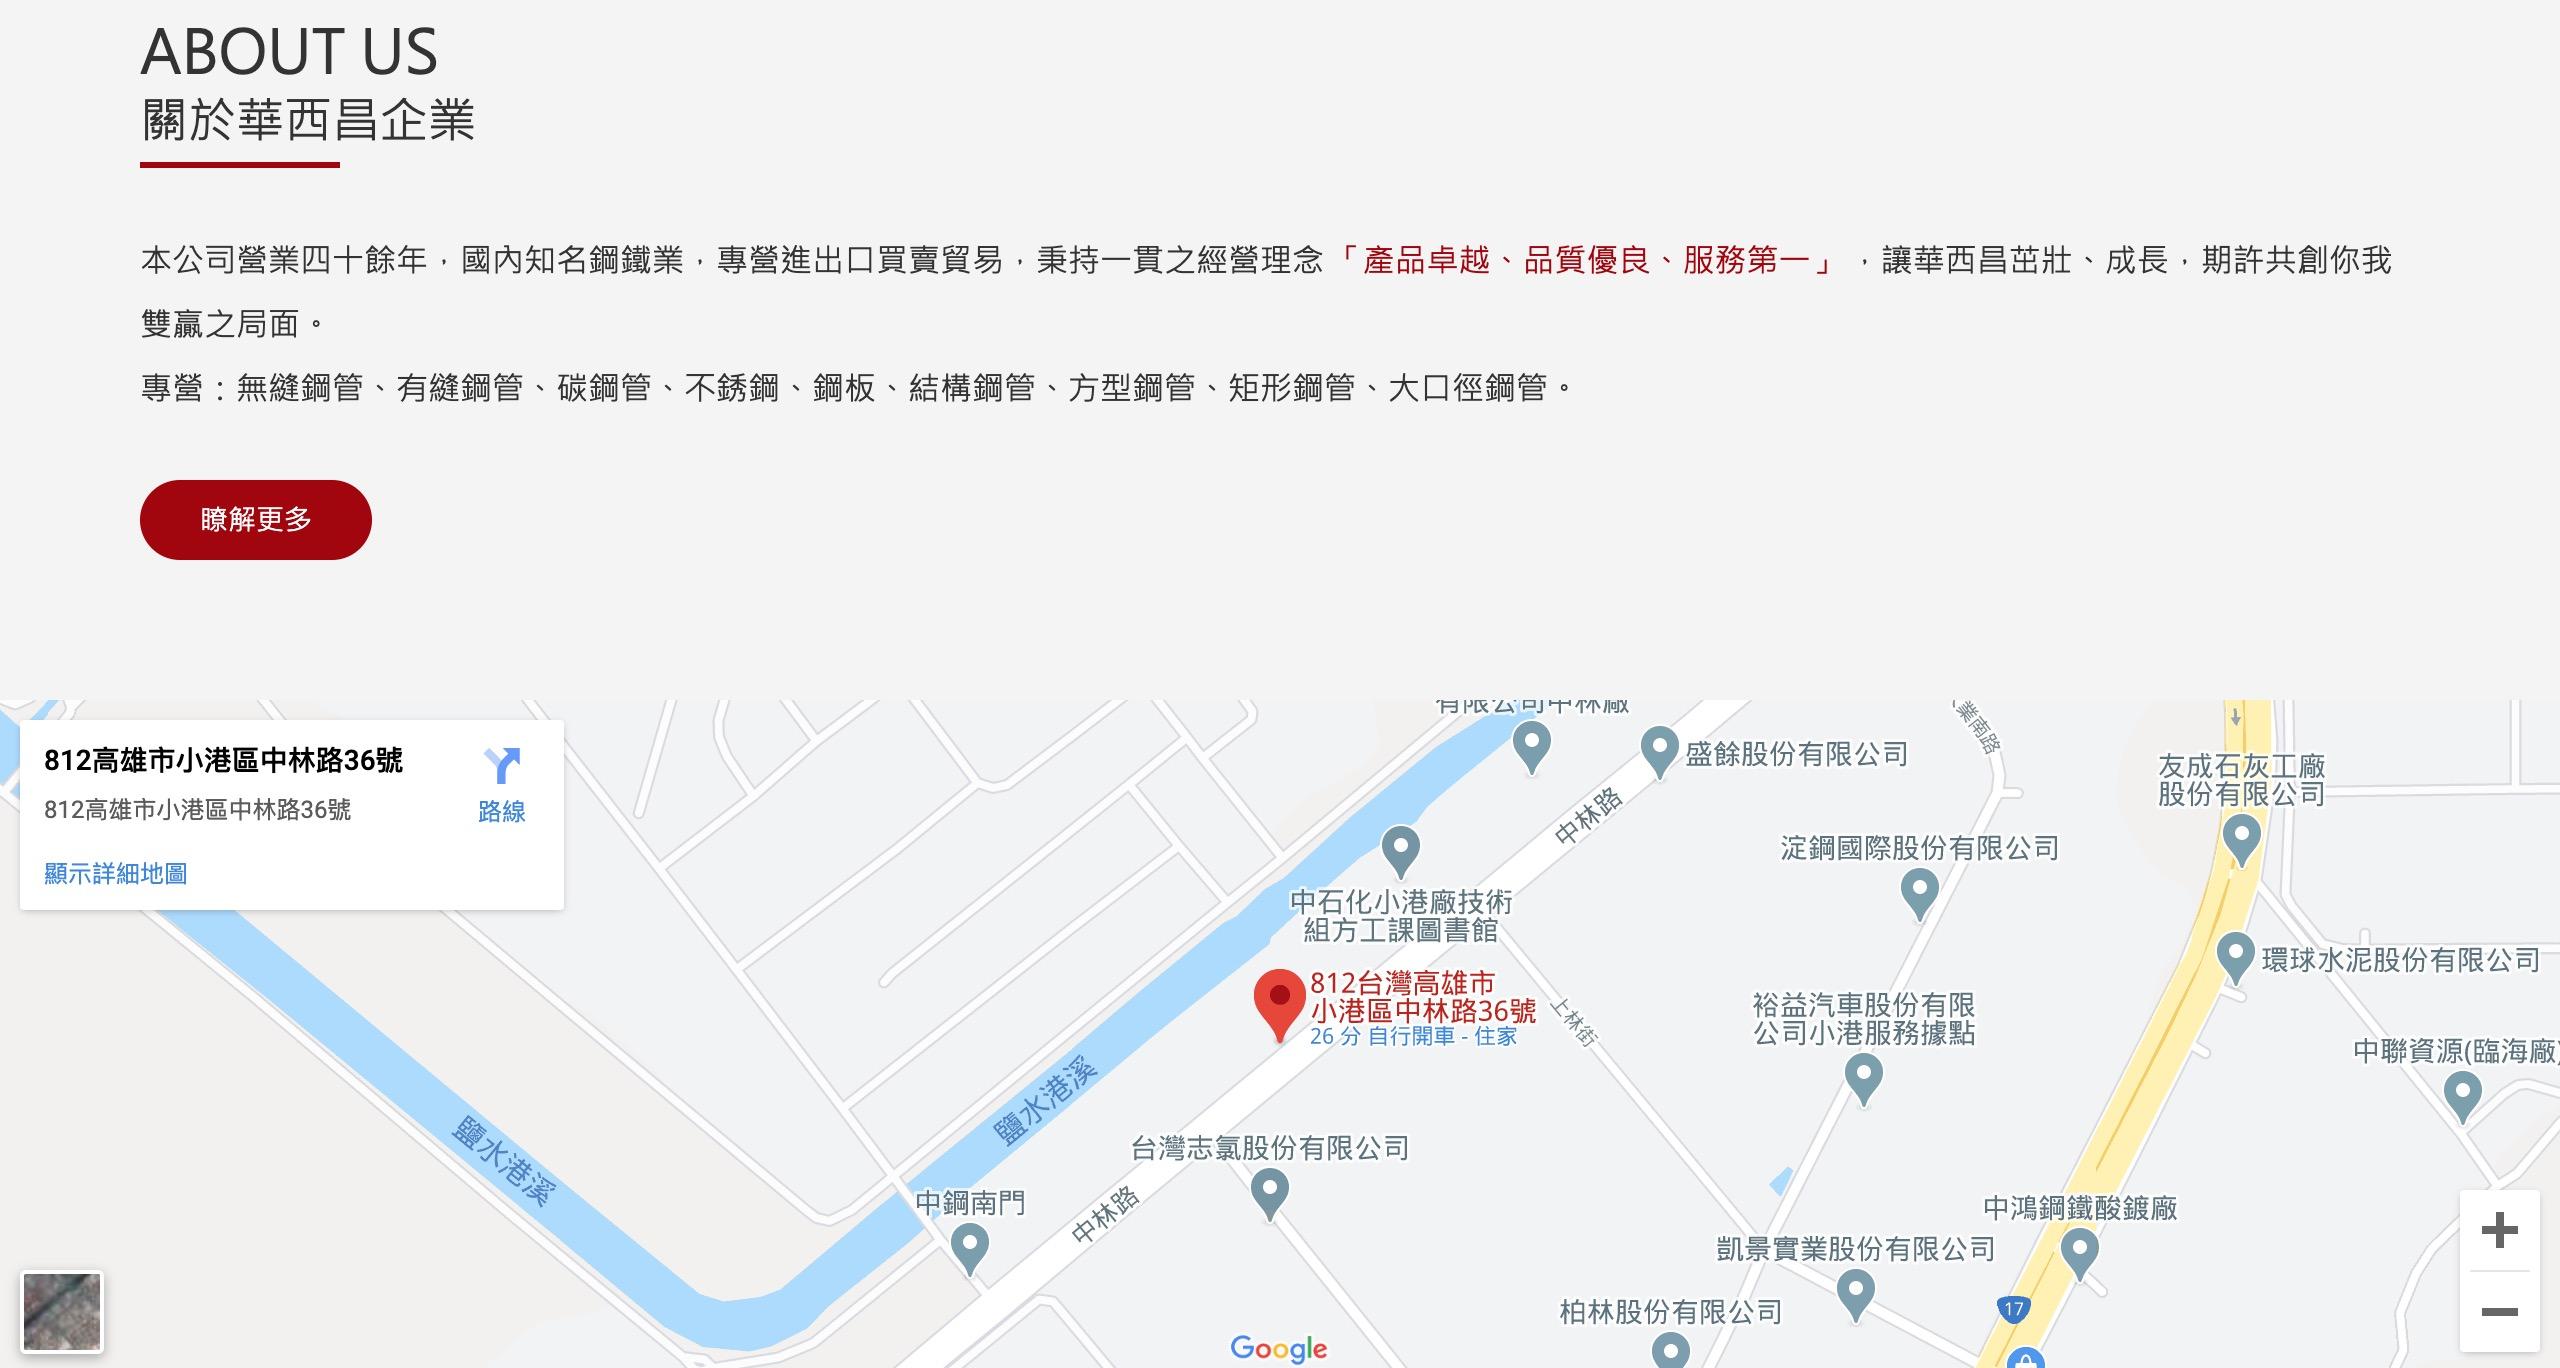 華西昌企業股份有限公司 形象網站 RWD響應式網站